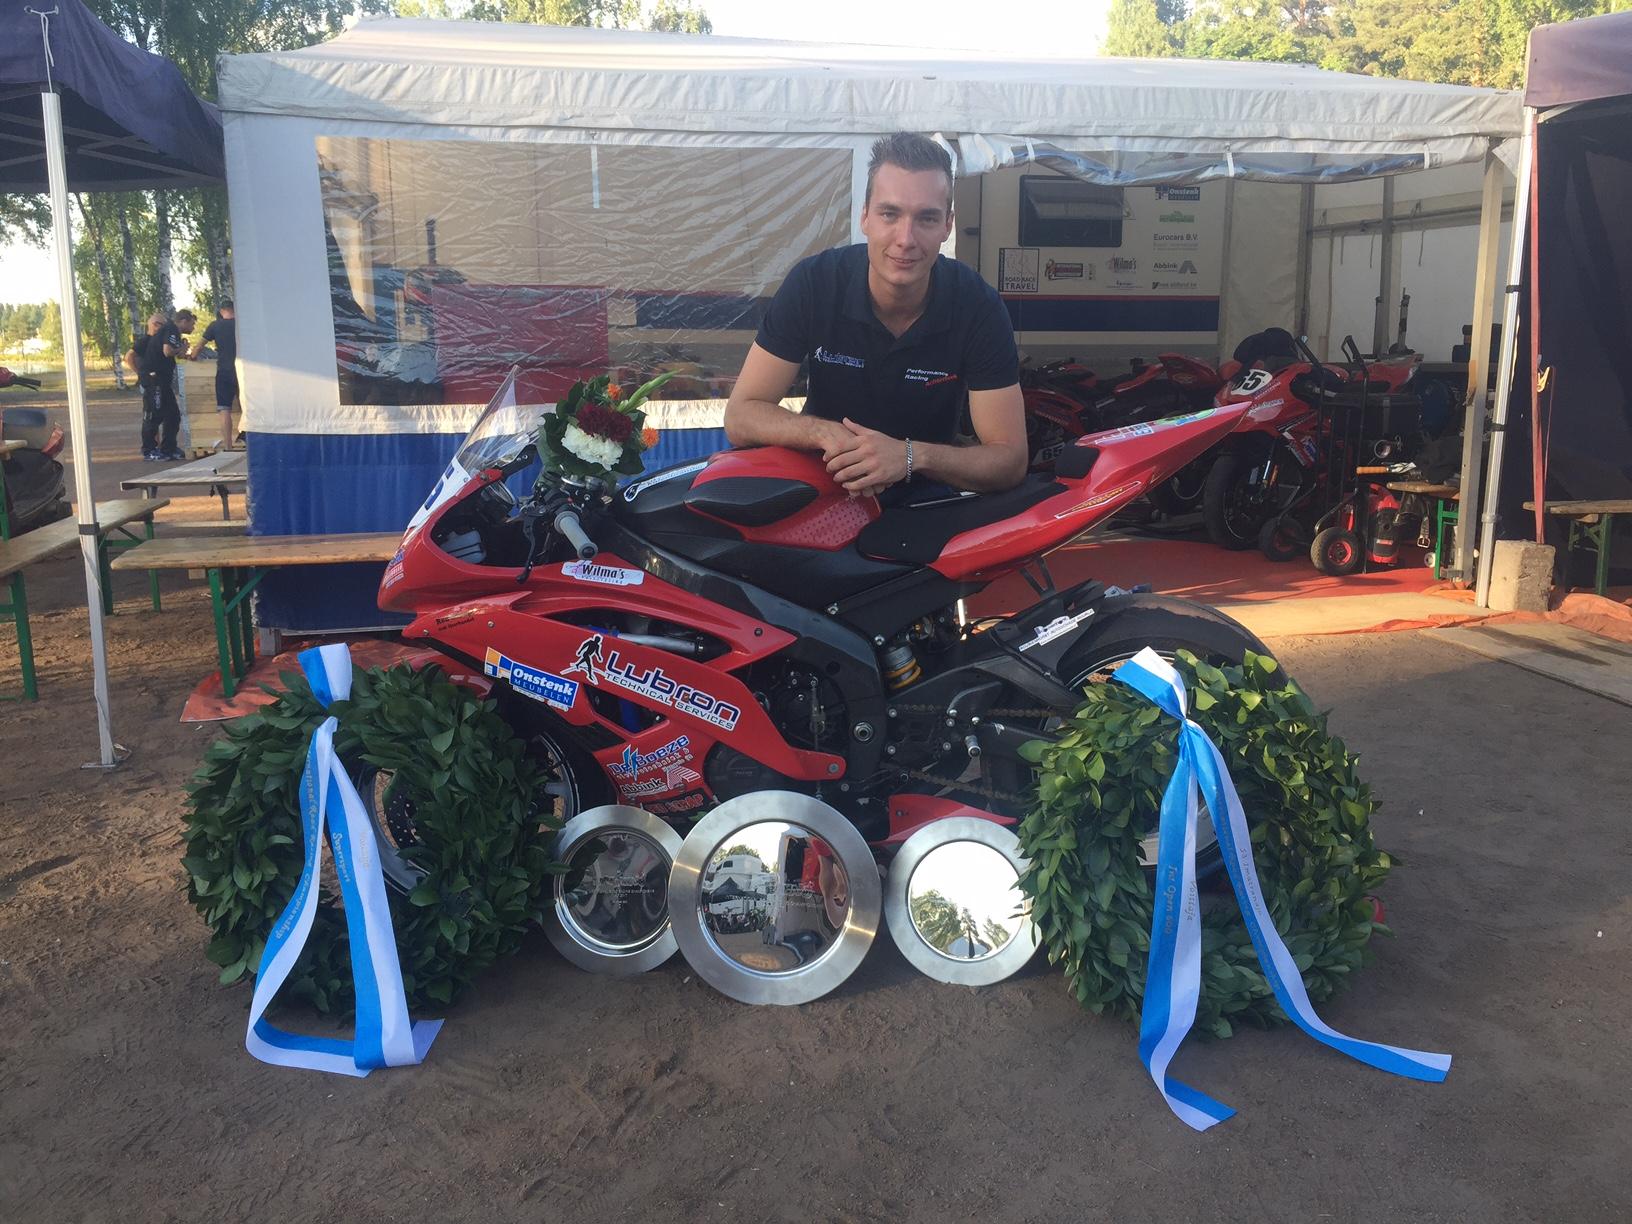 Den Besten met zijn prijzen van het raceweekend in Imatra